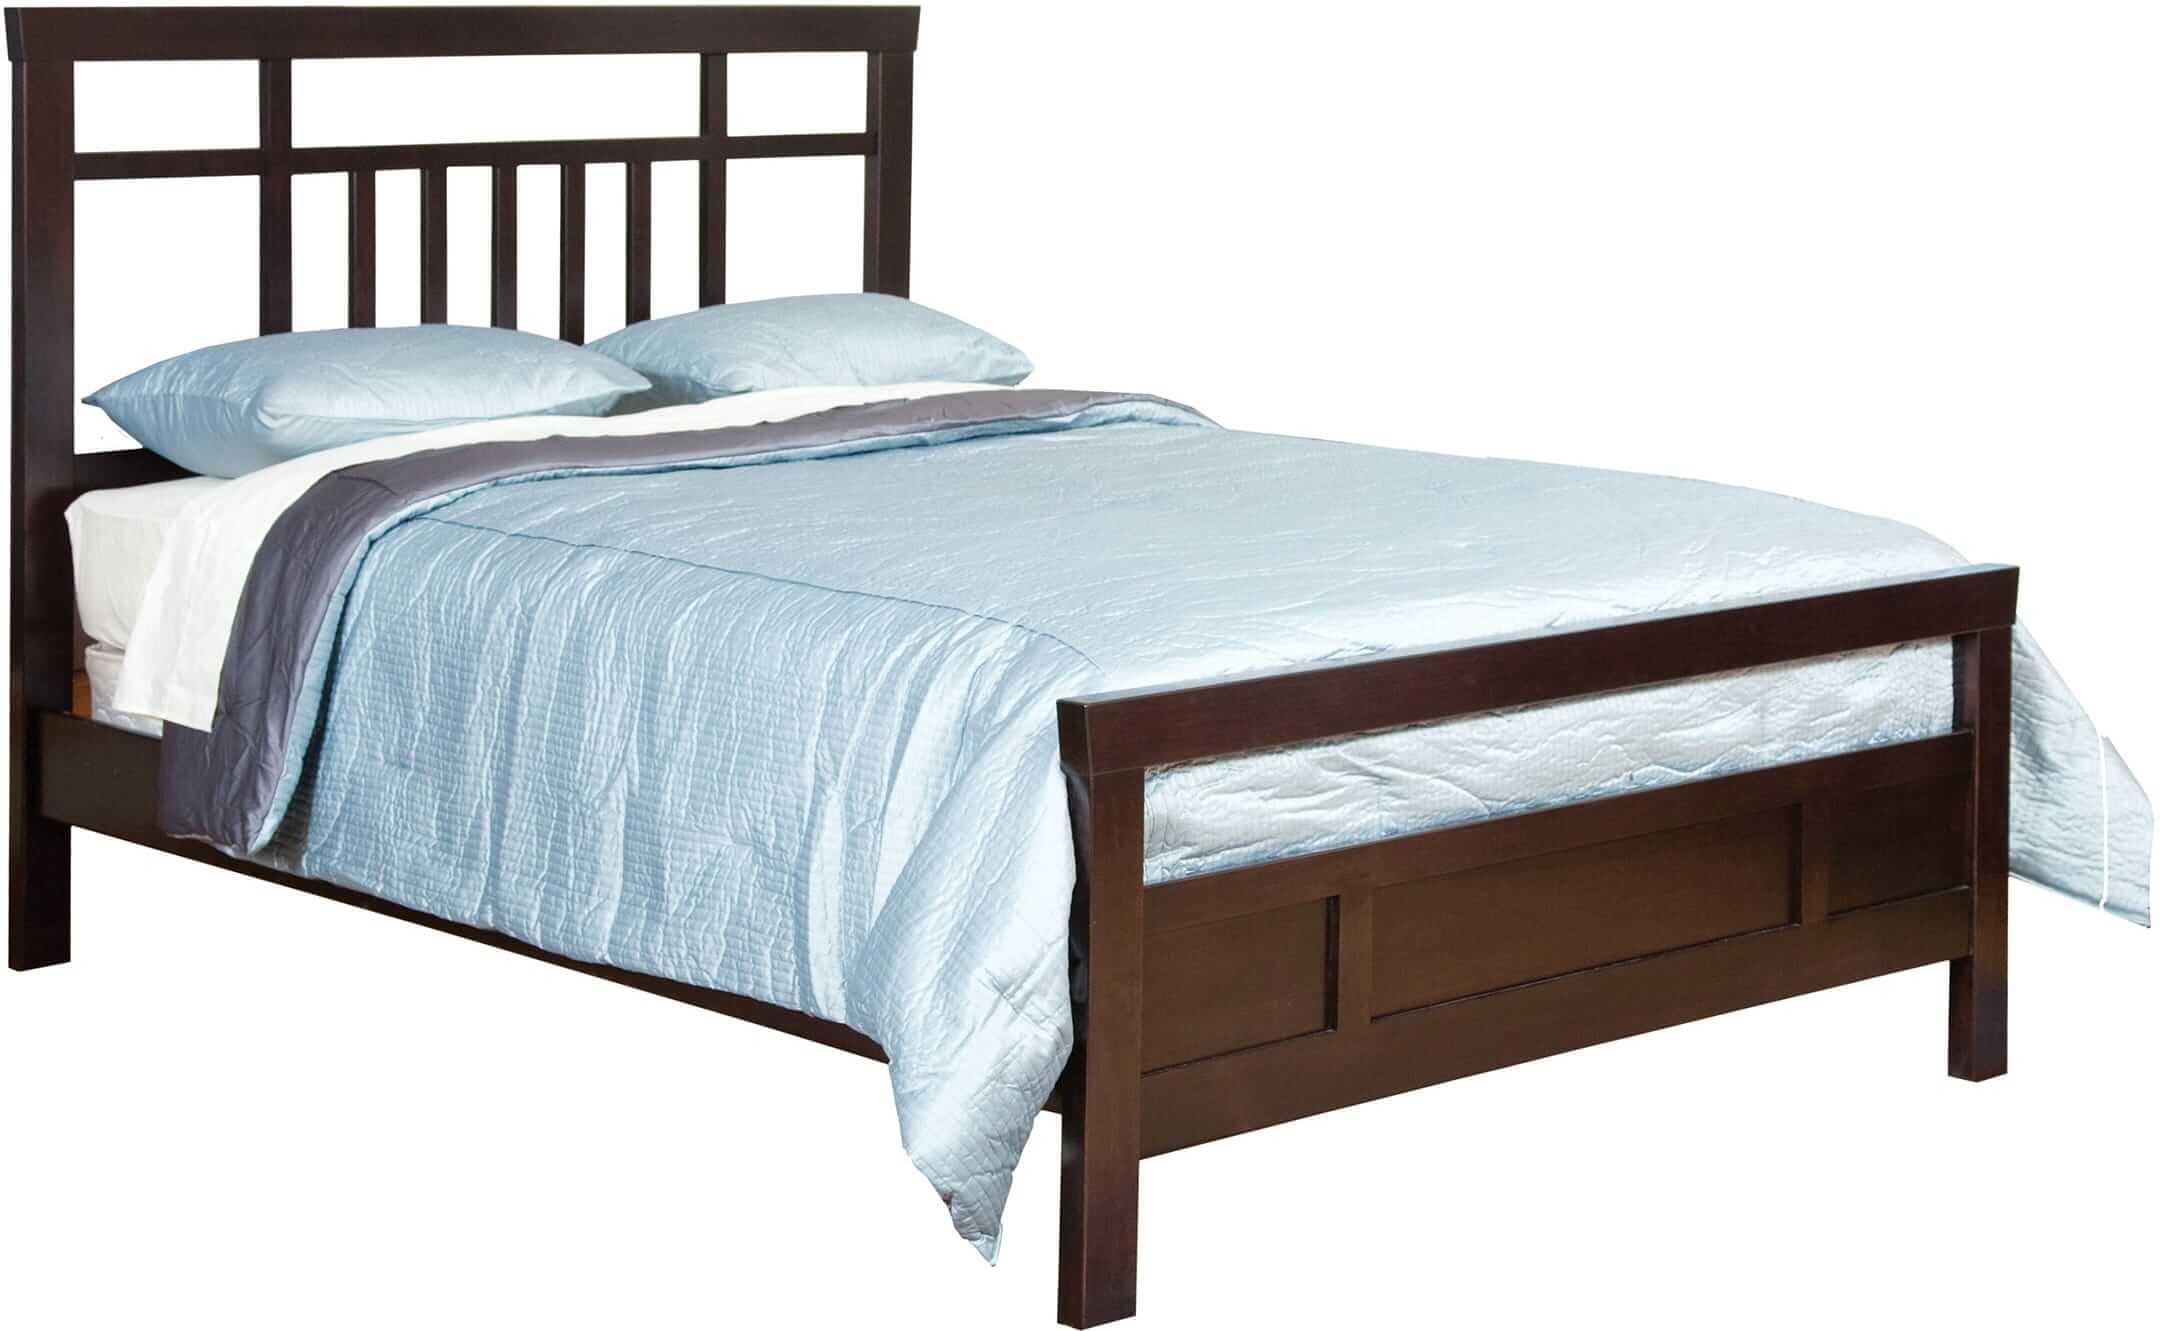 Hyland Court Bed